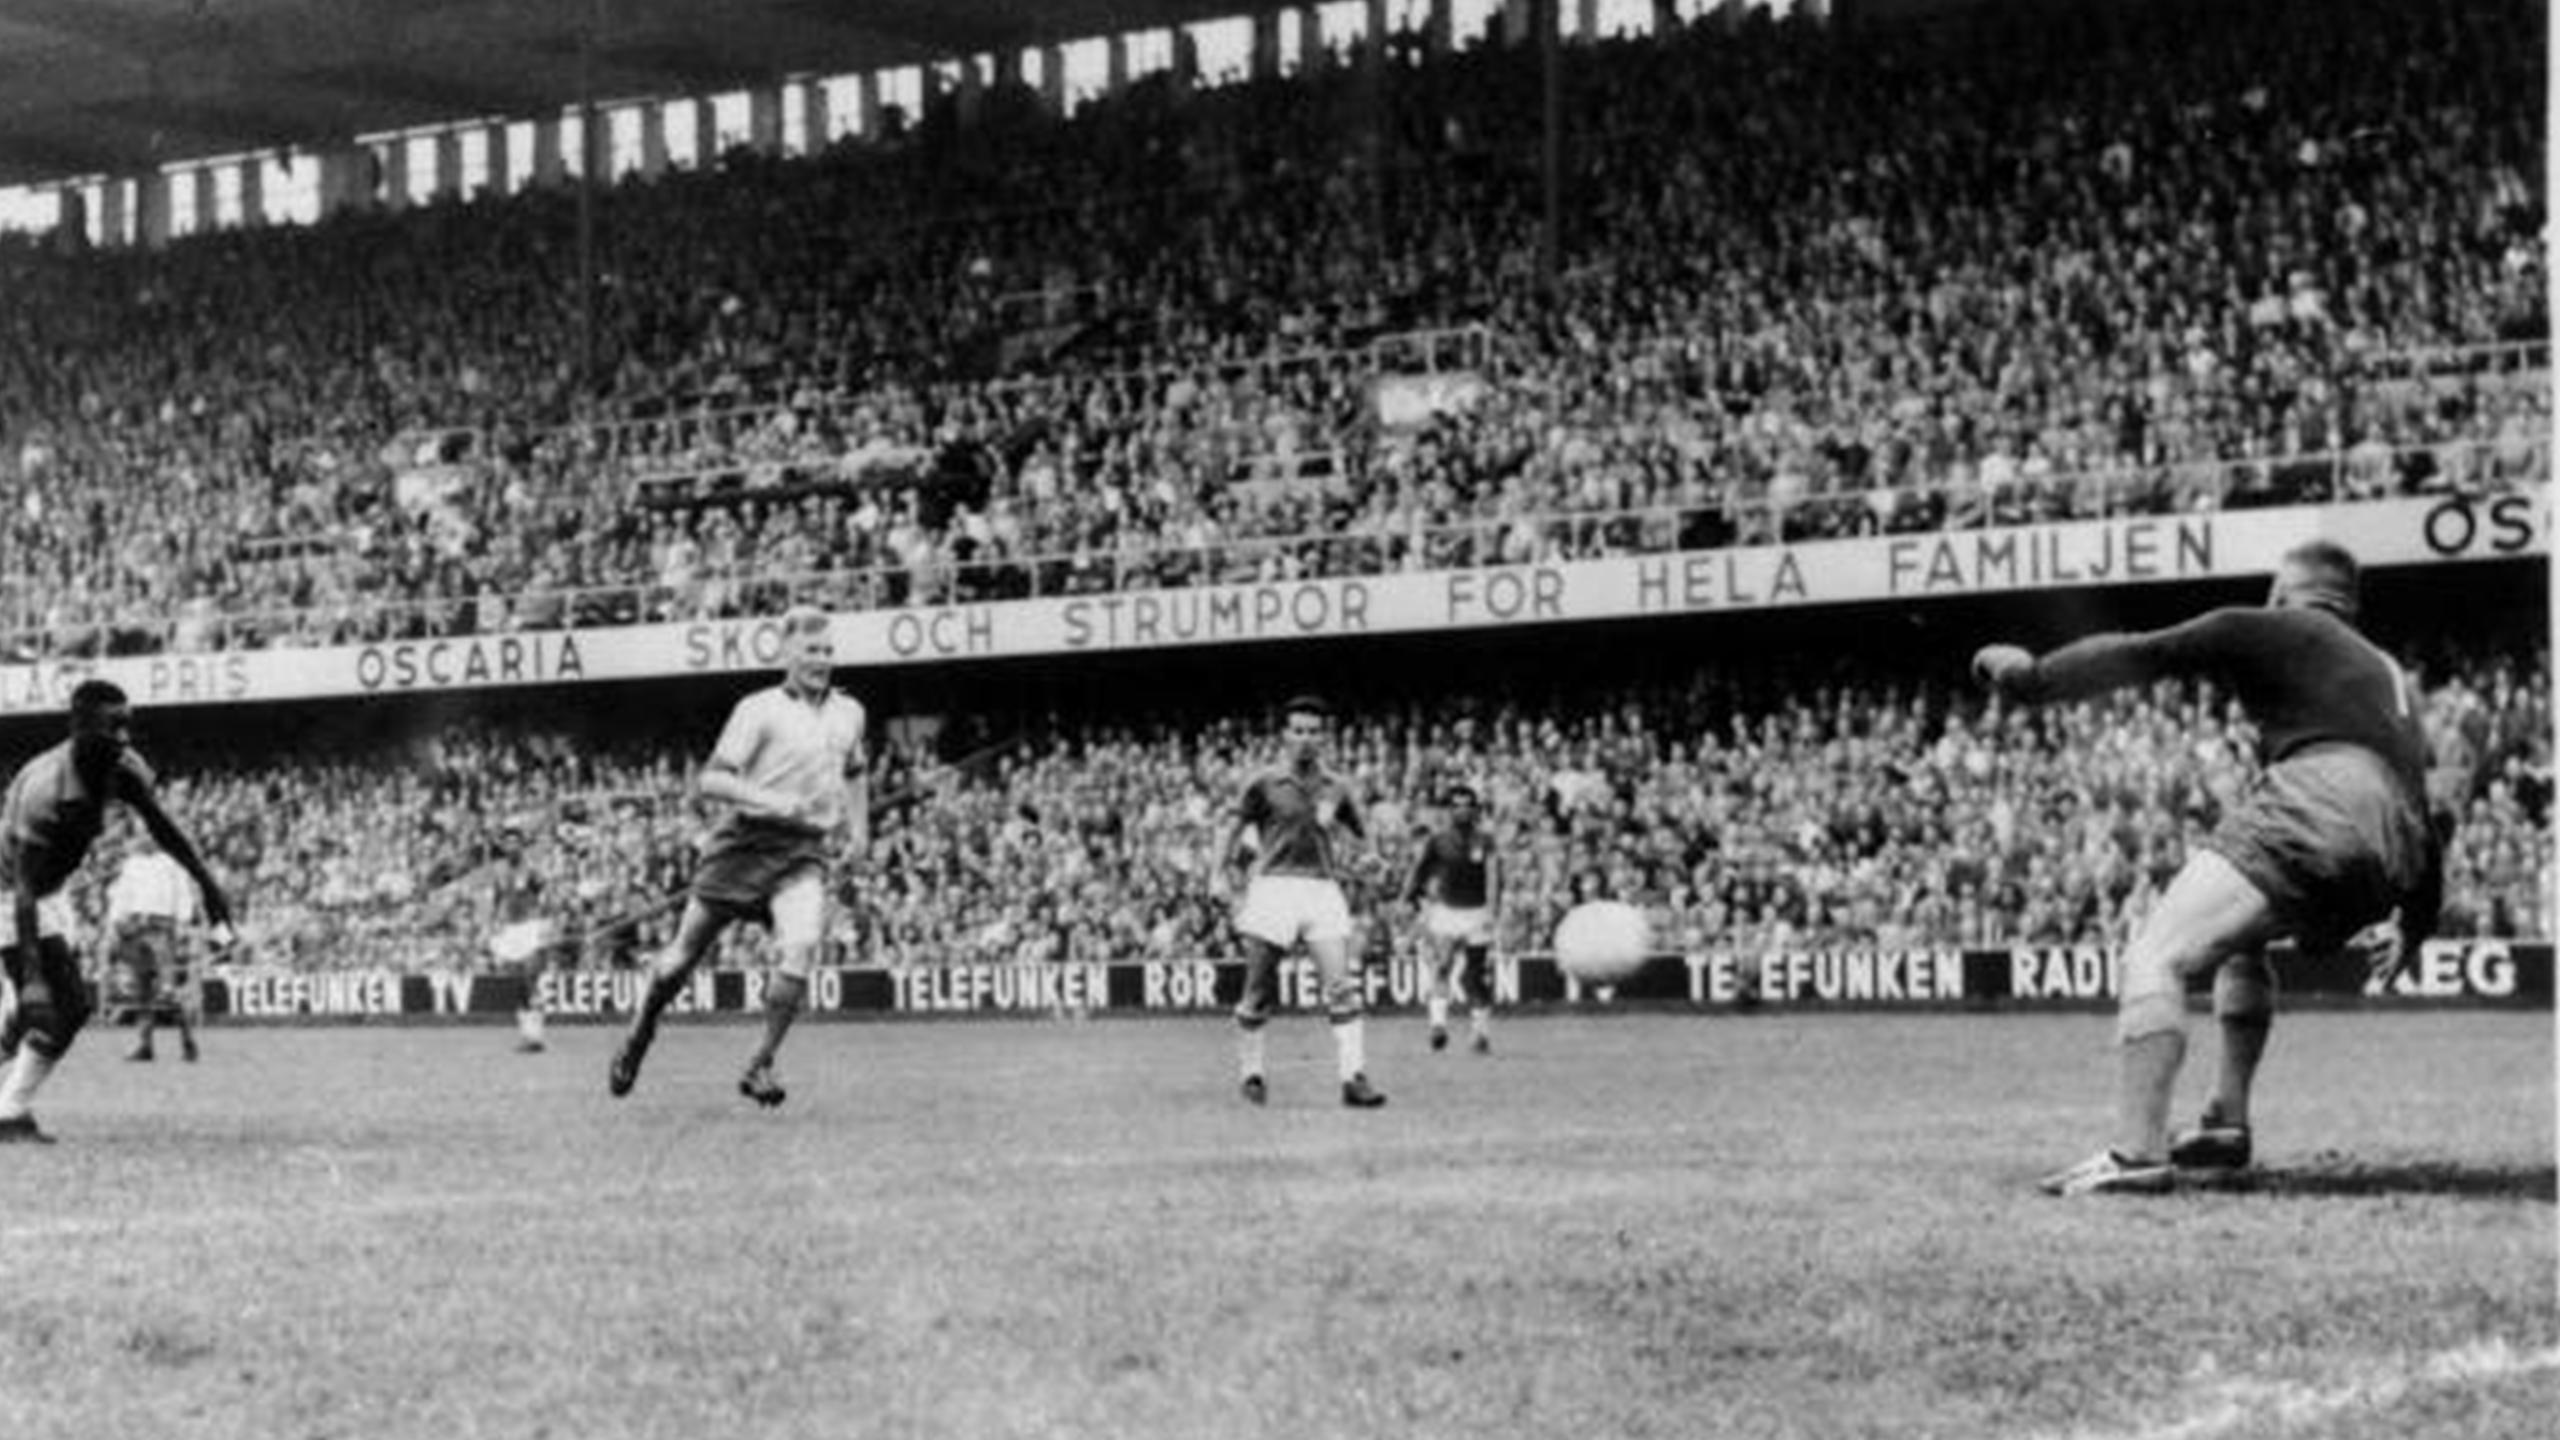 b9ea18d530f Cuando de el Mundiales Historia Pelé a 1958 descubrió los mundo URx7ww4q